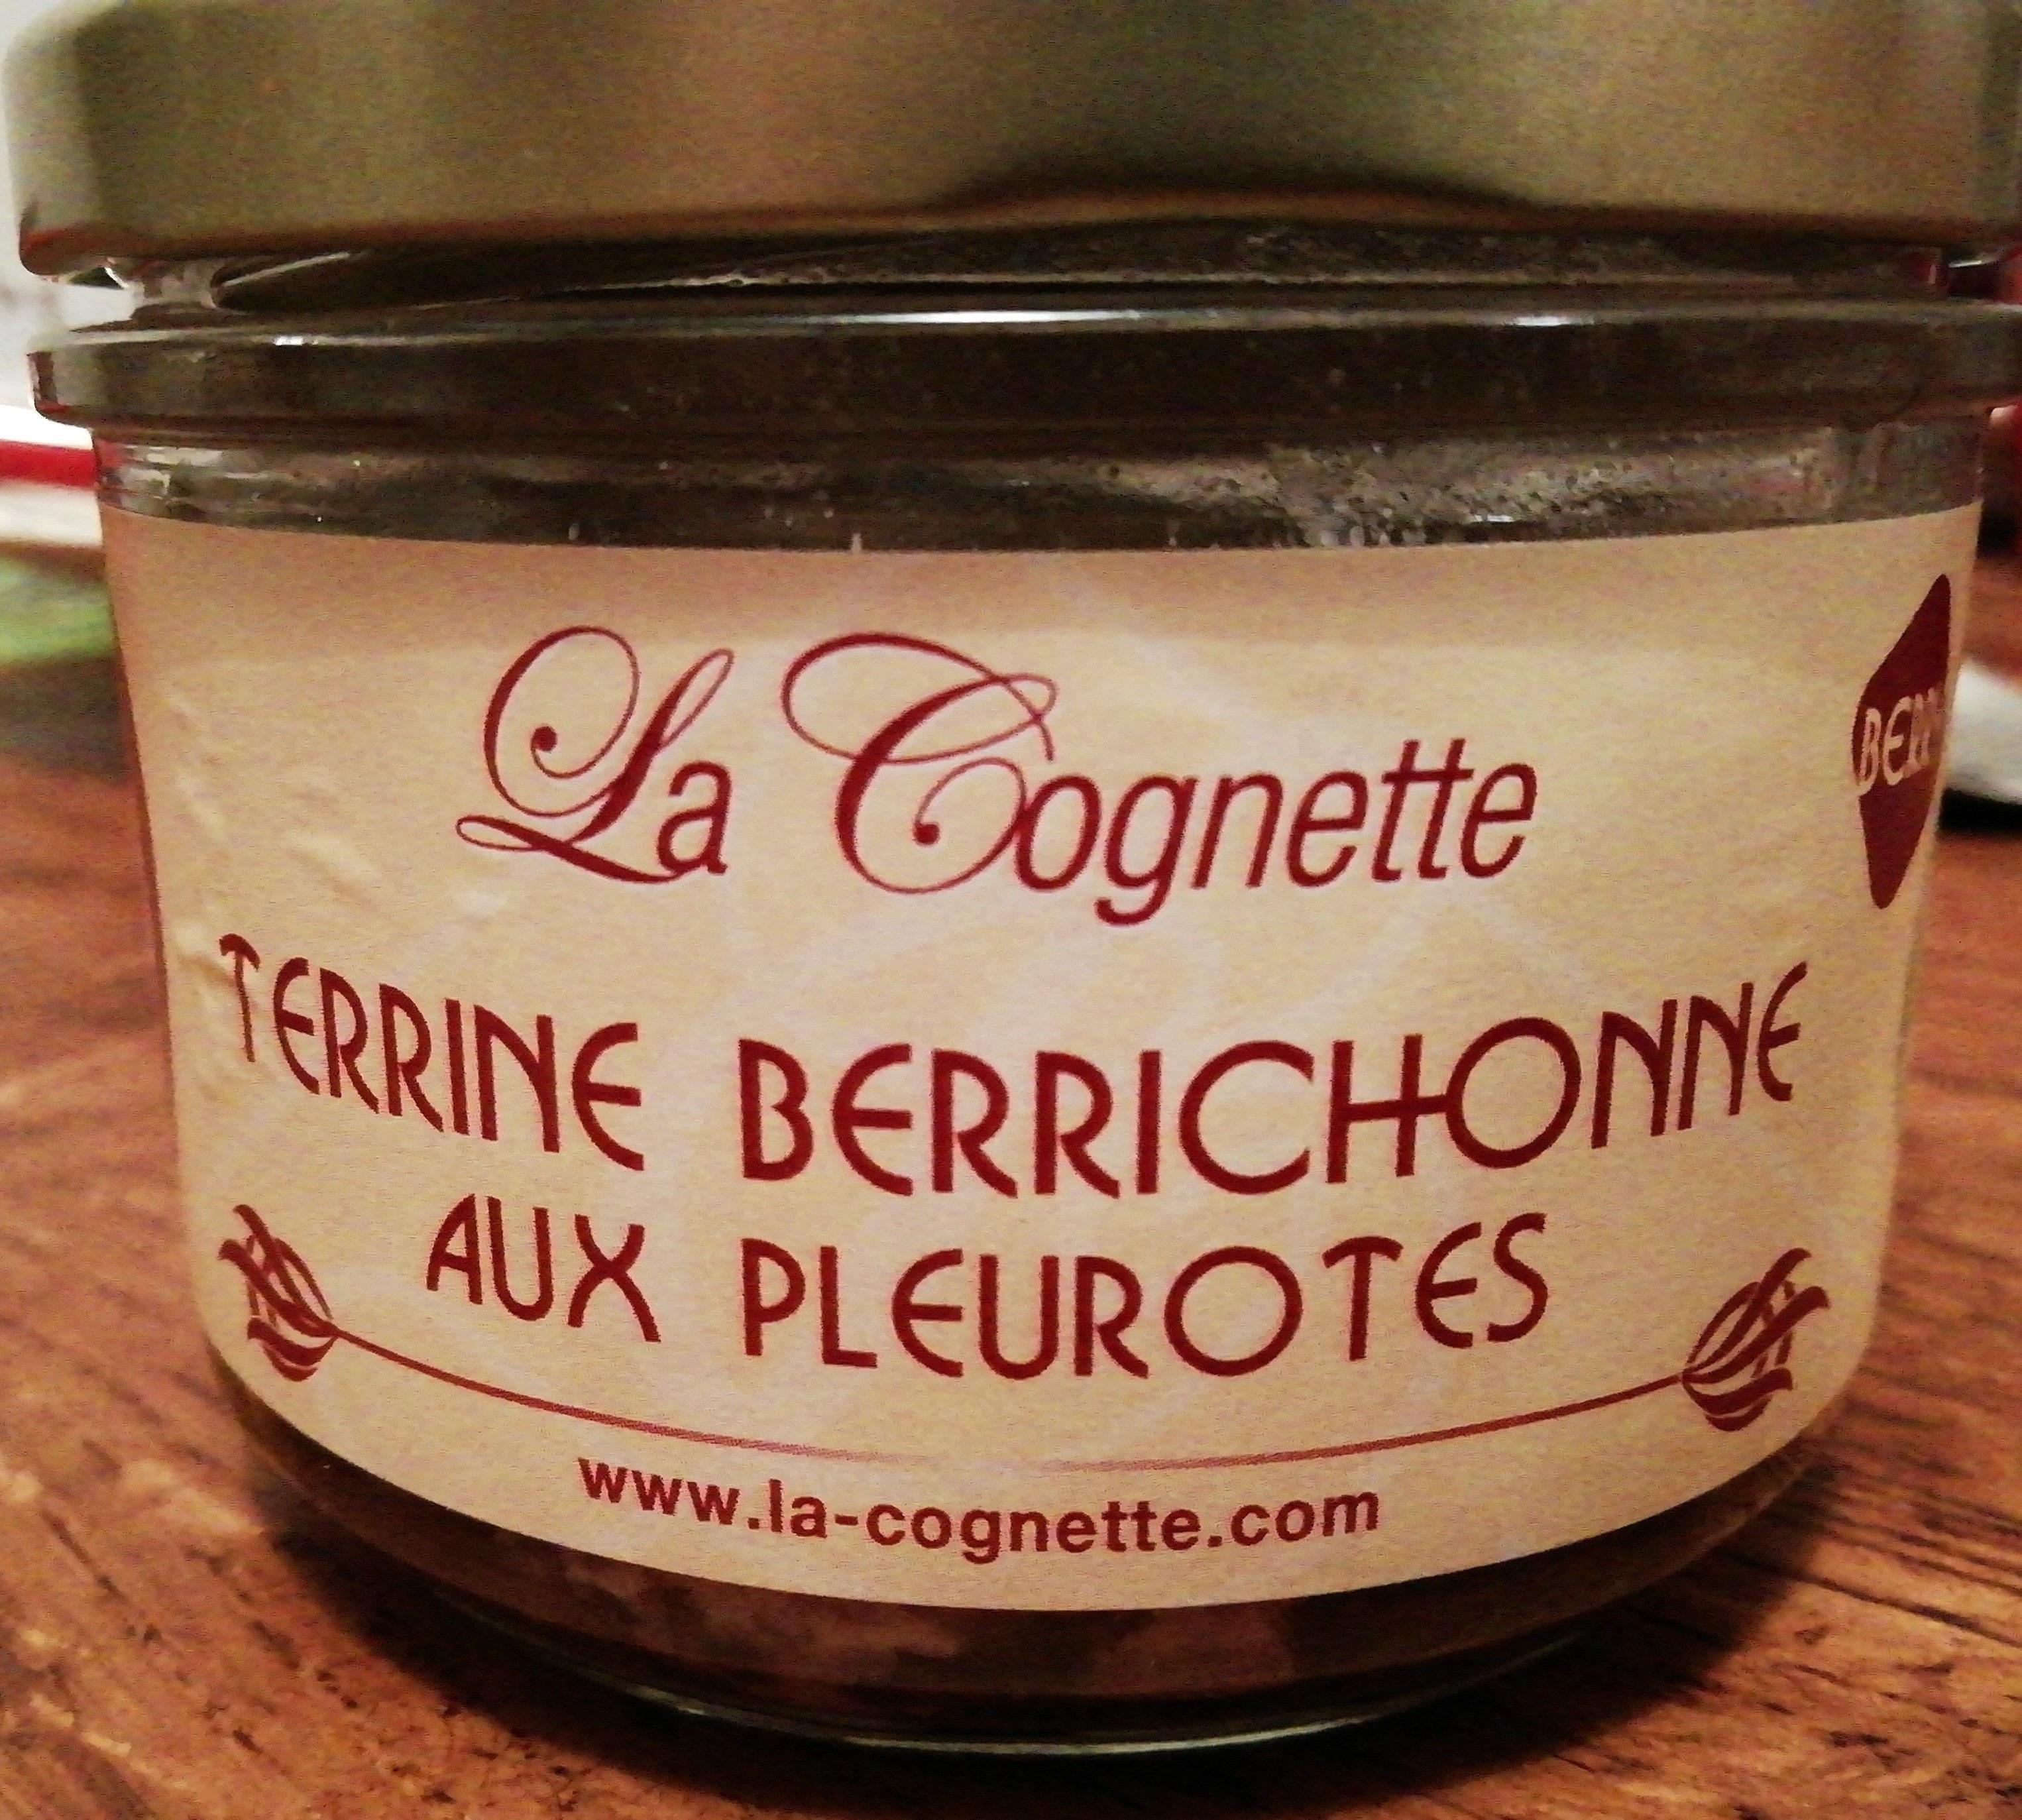 Terrine berrichonne aux pleurotes - Product